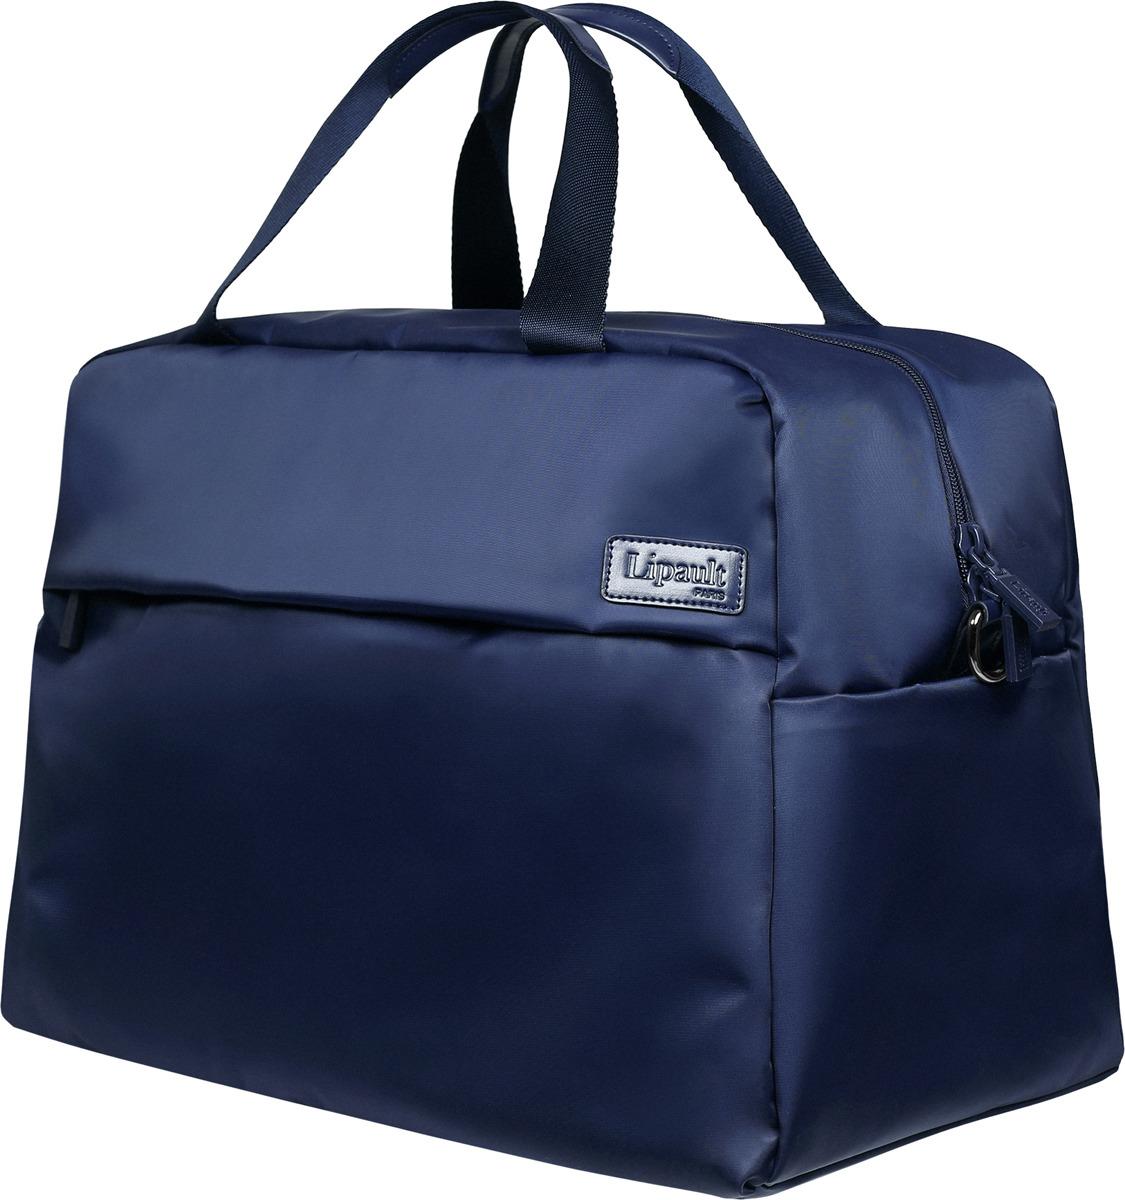 Сумка дорожная Lipault, P61*32005, синий, 45 л цена и фото